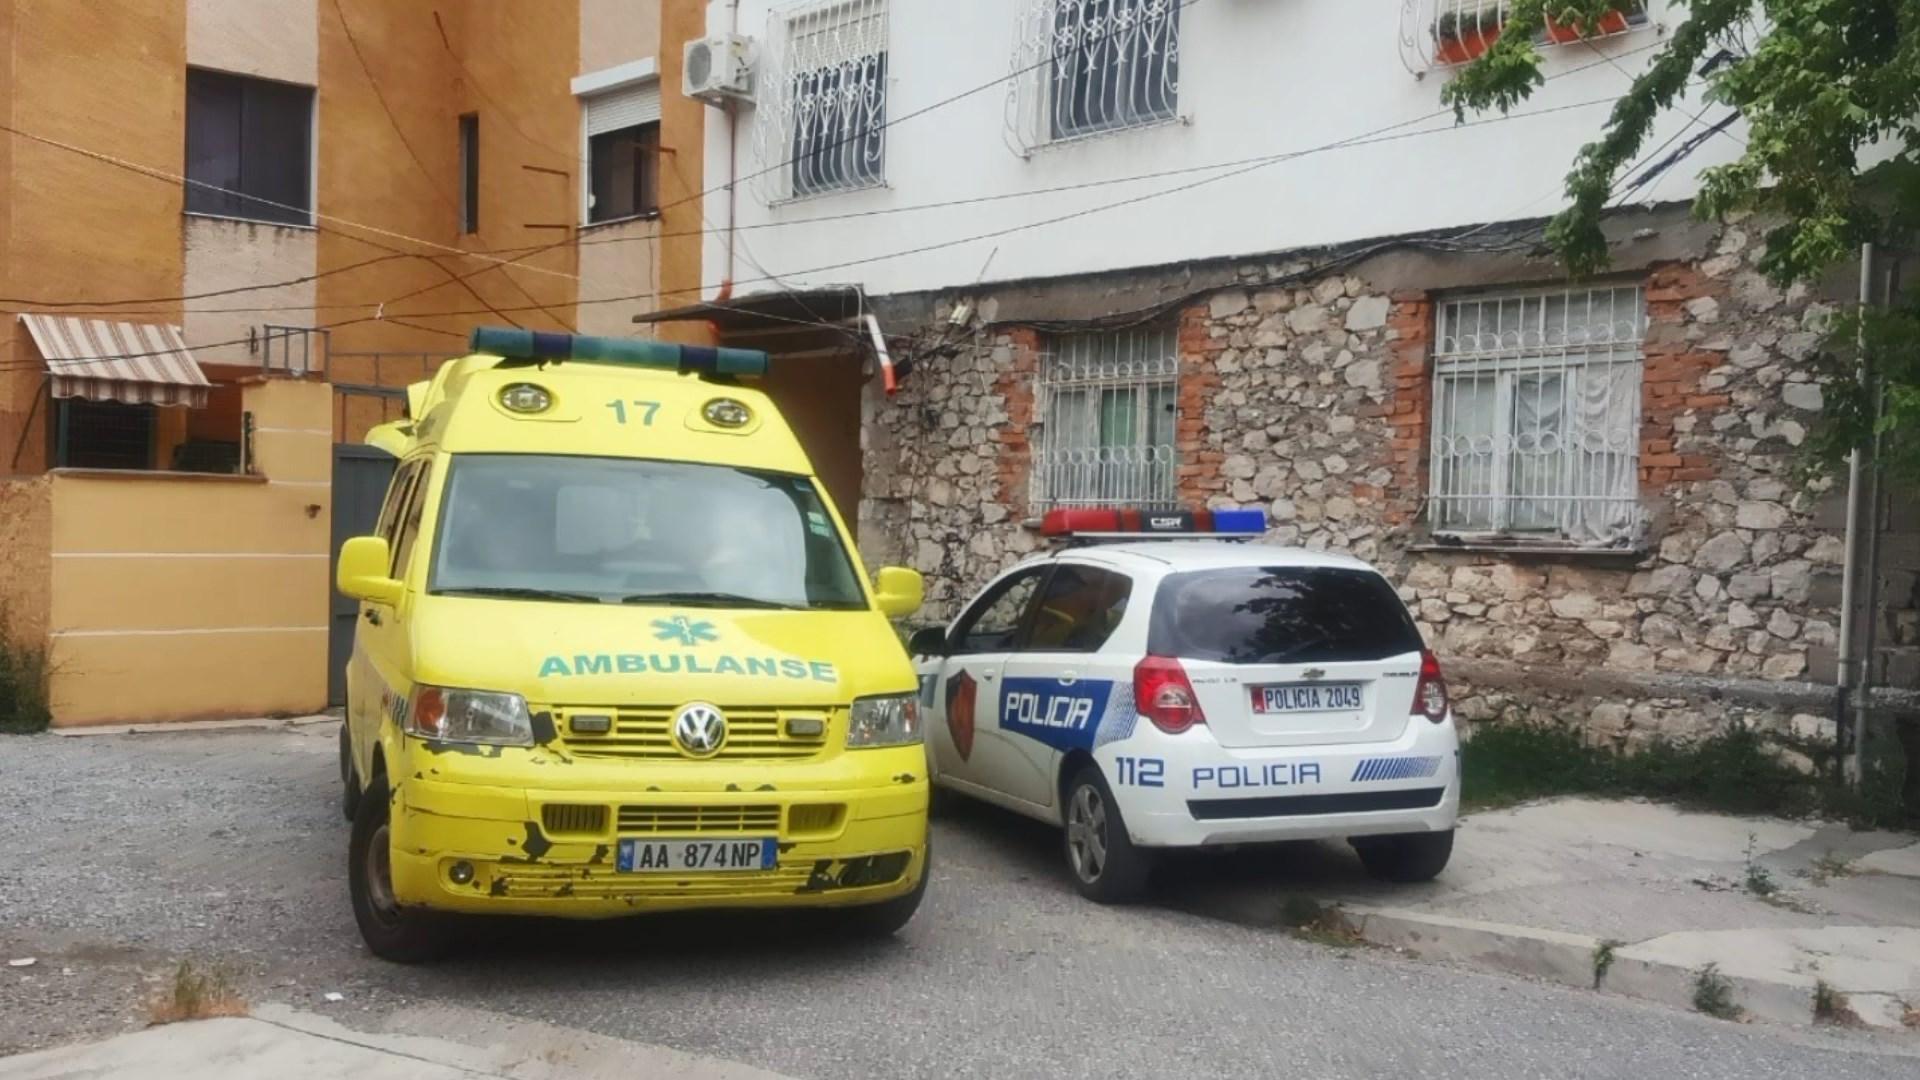 Shkodër, një punëtor 62 vjeçar rrëzohet nga kati i tretë i pallatit